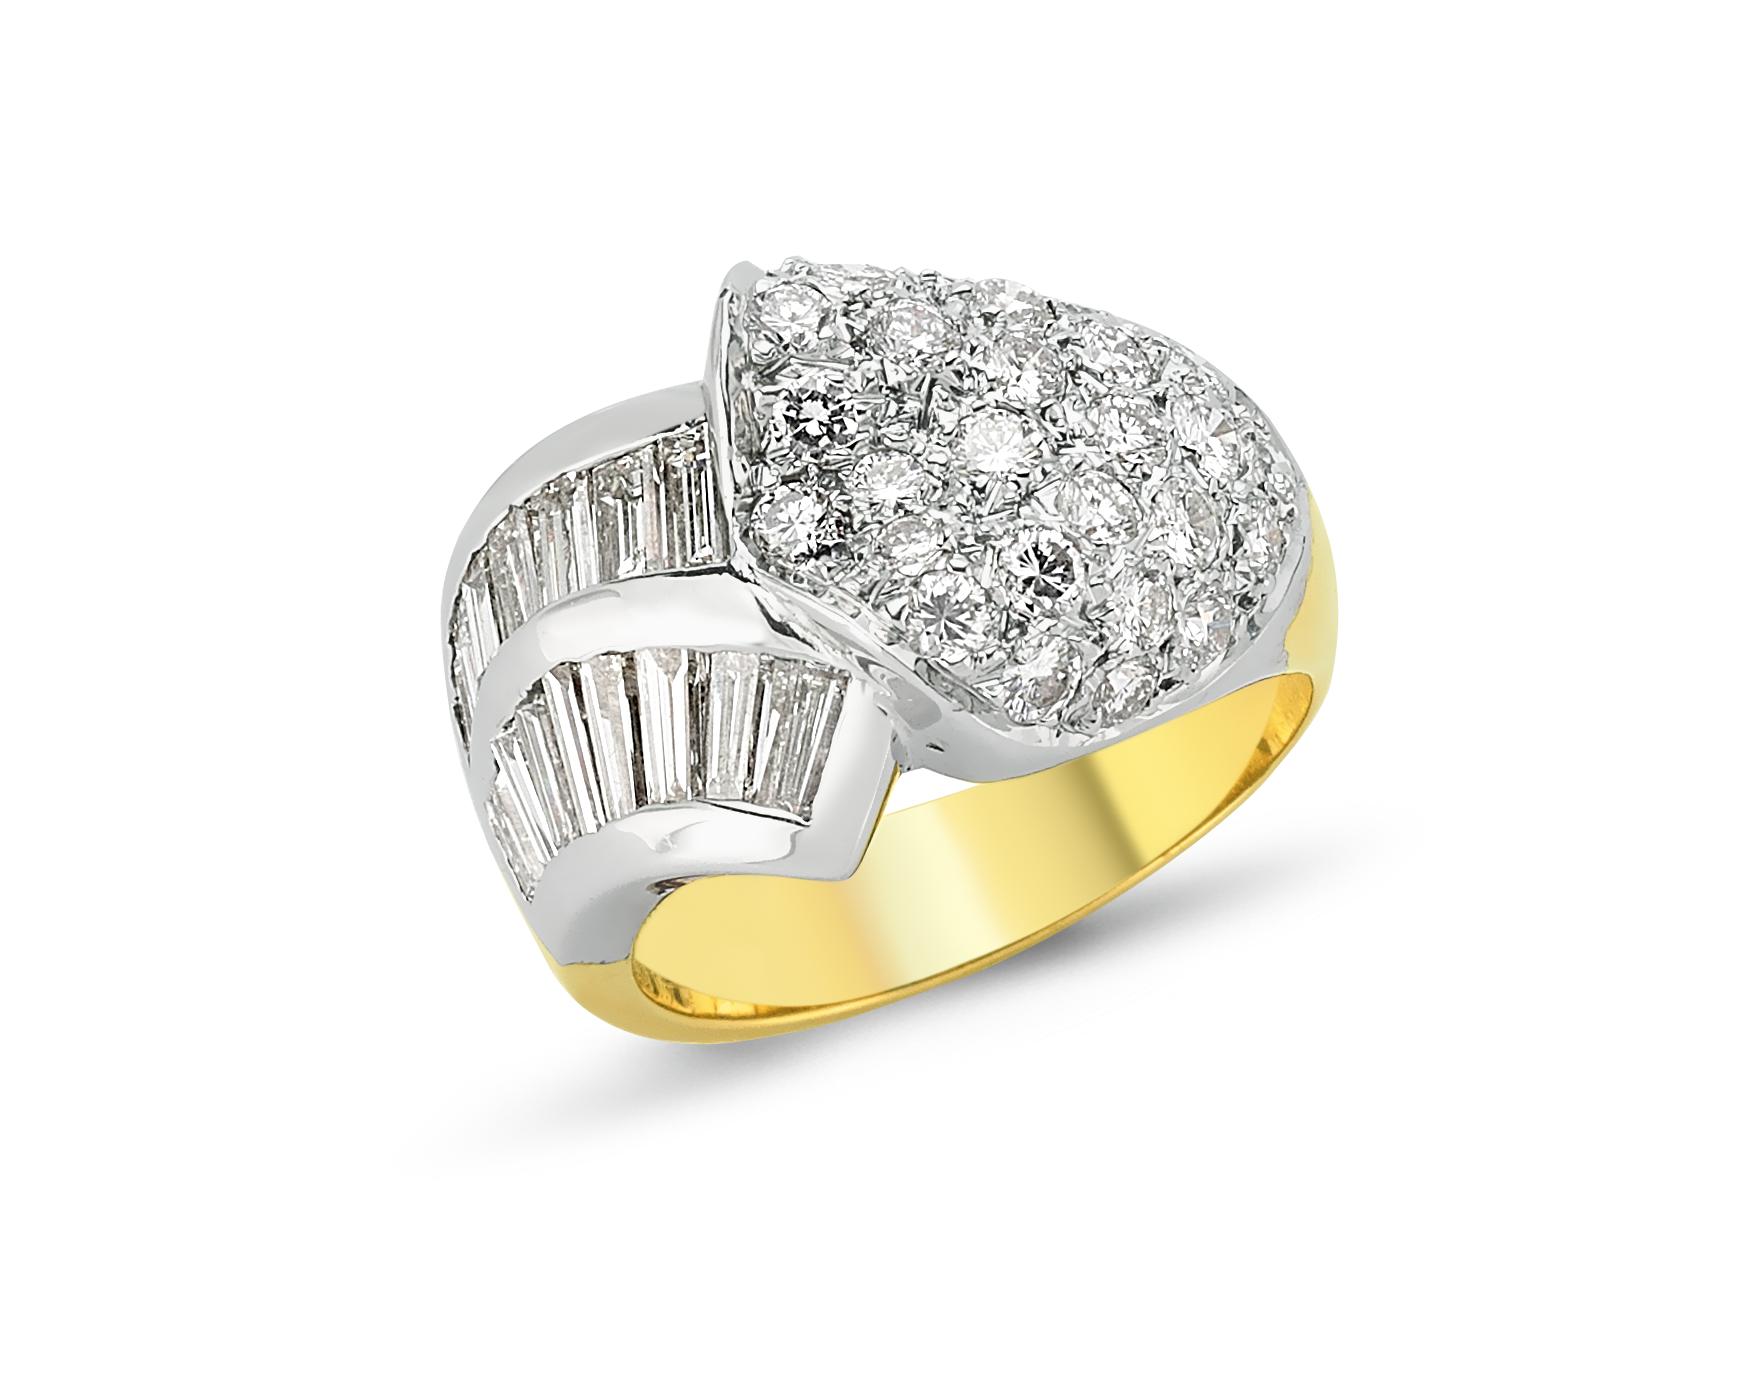 Baget Pırlanta Altın Yüzük - 6000057